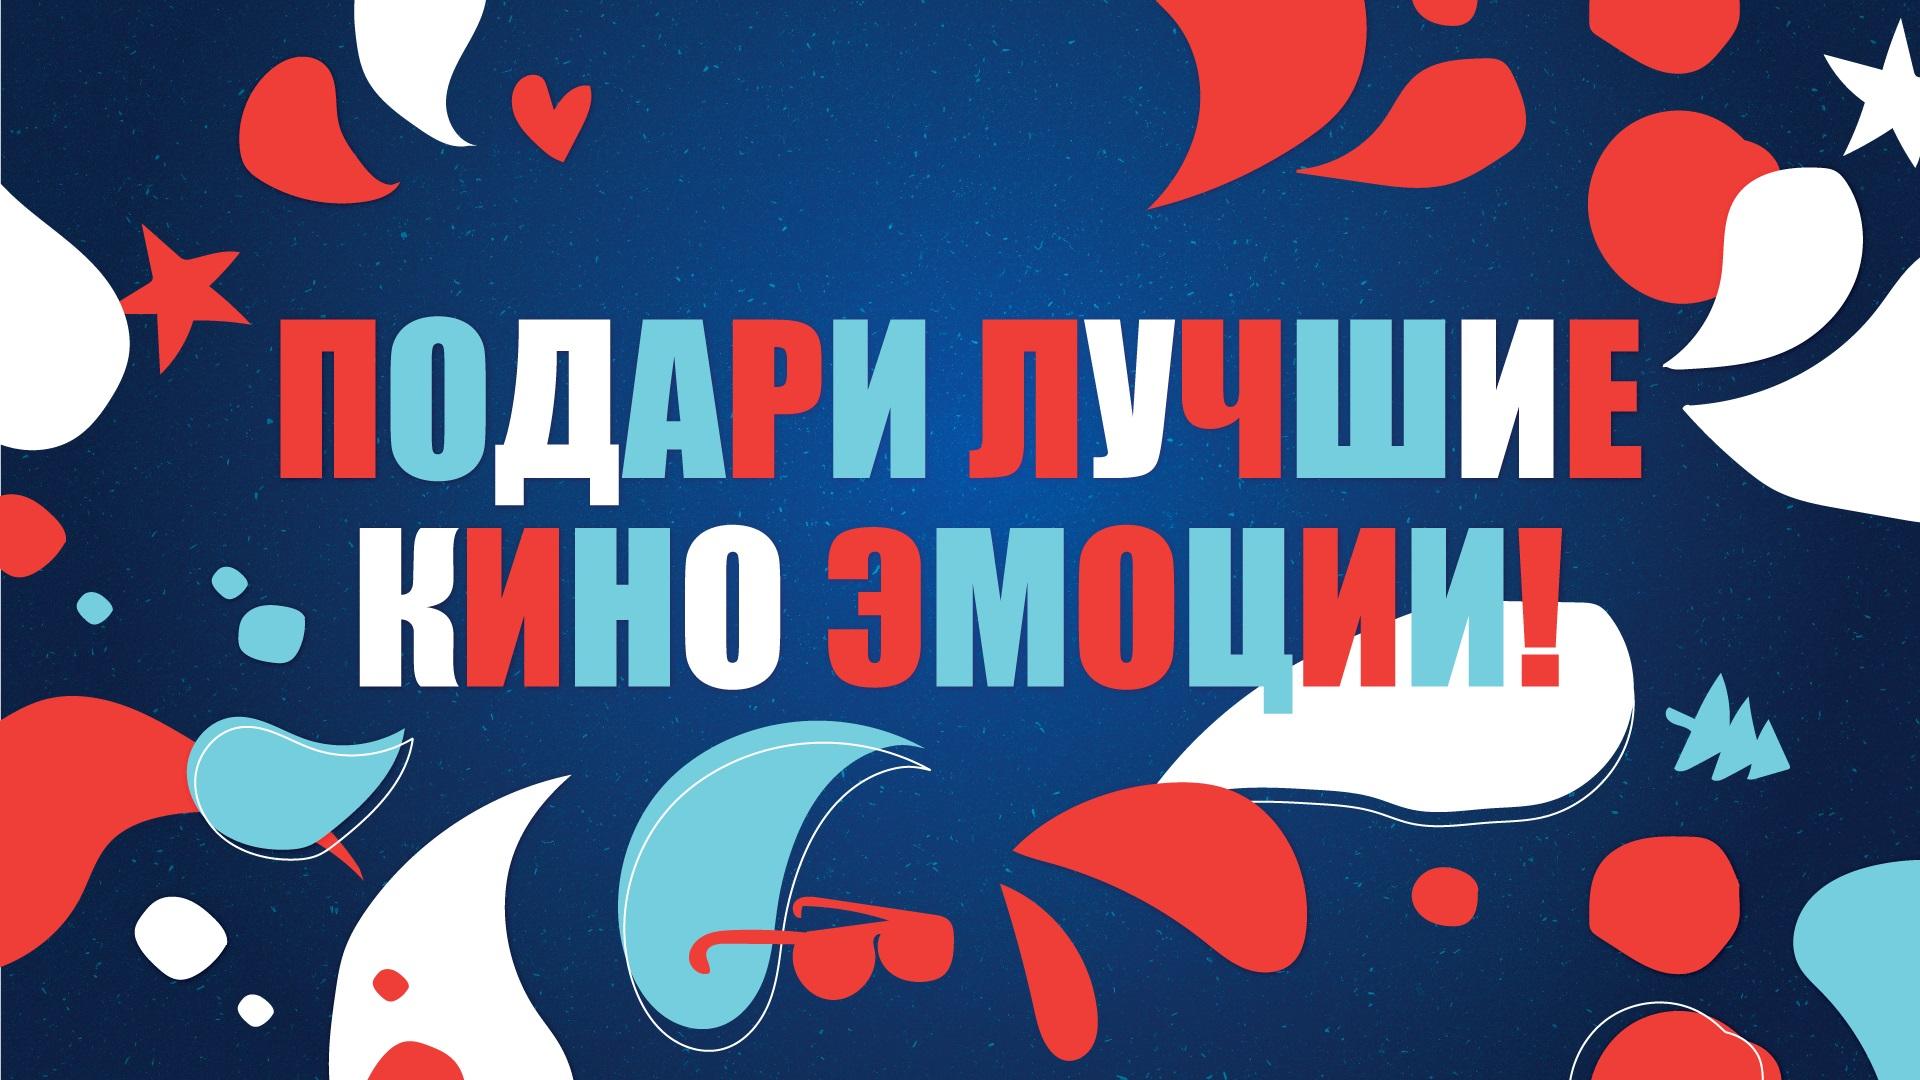 cnm_atteli_web_kinoemocijas_1920x1080px_RU